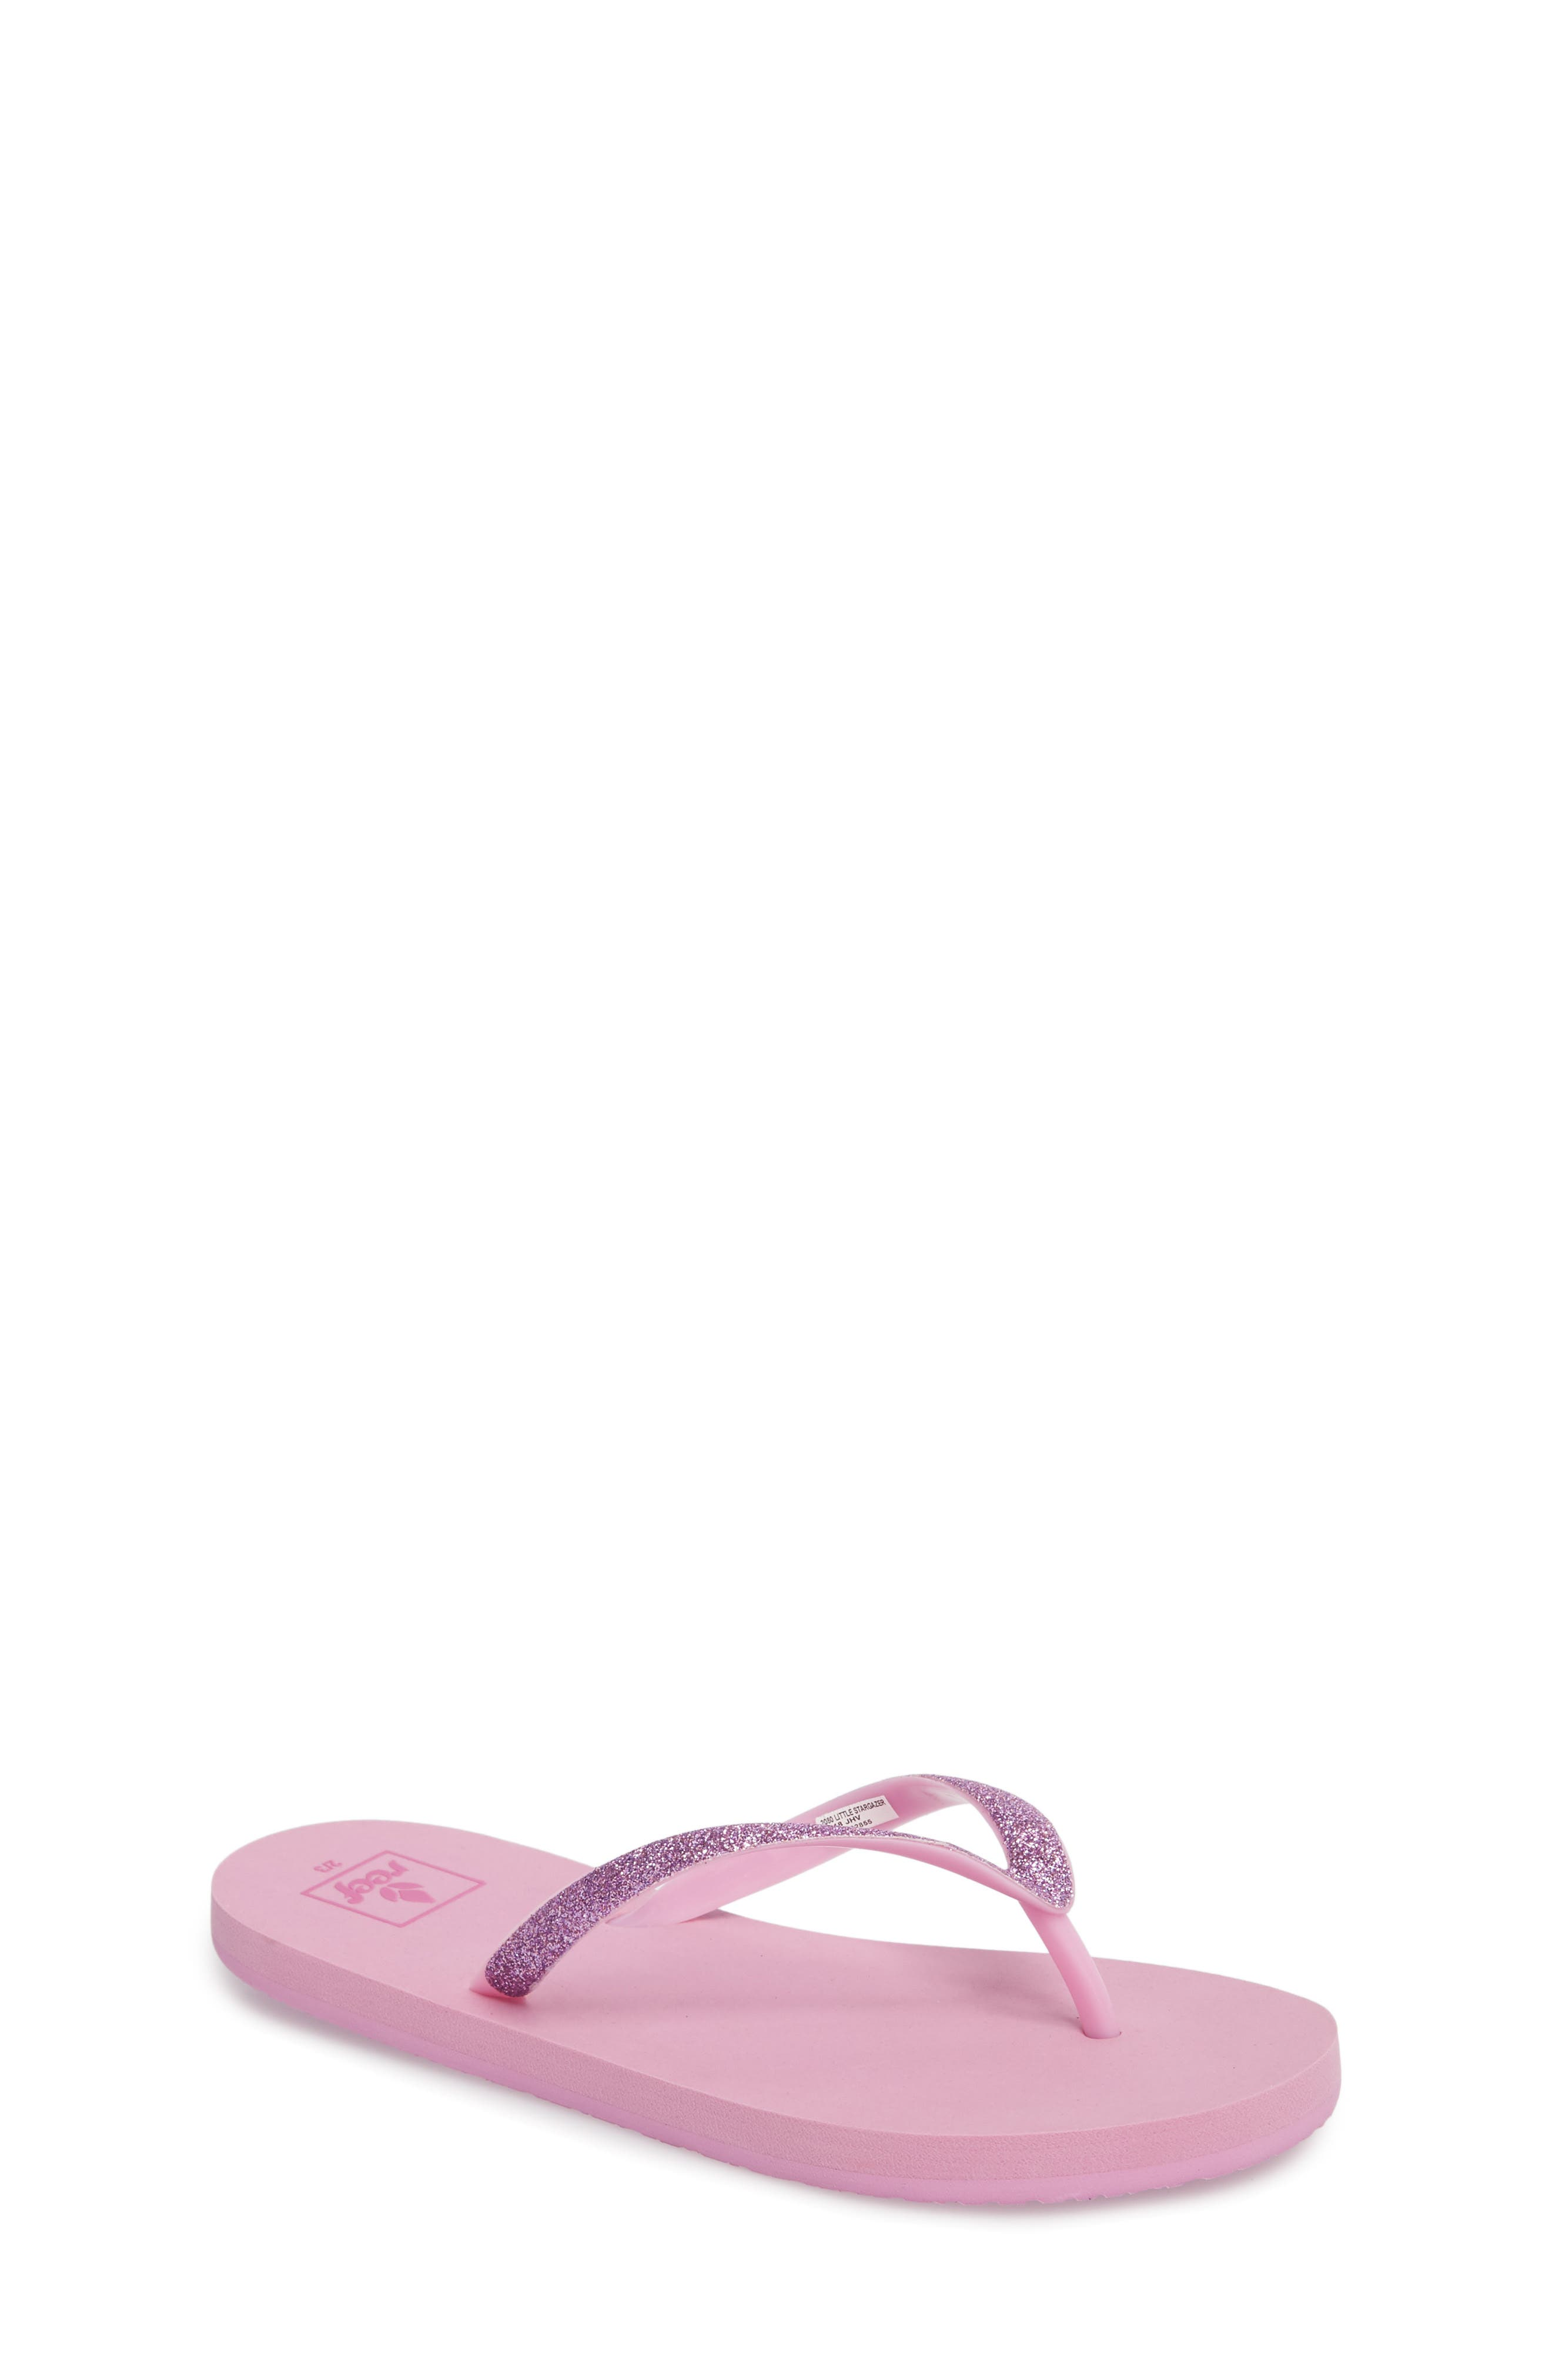 Little Stargazer Glitter Sandal,                         Main,                         color, Lavender